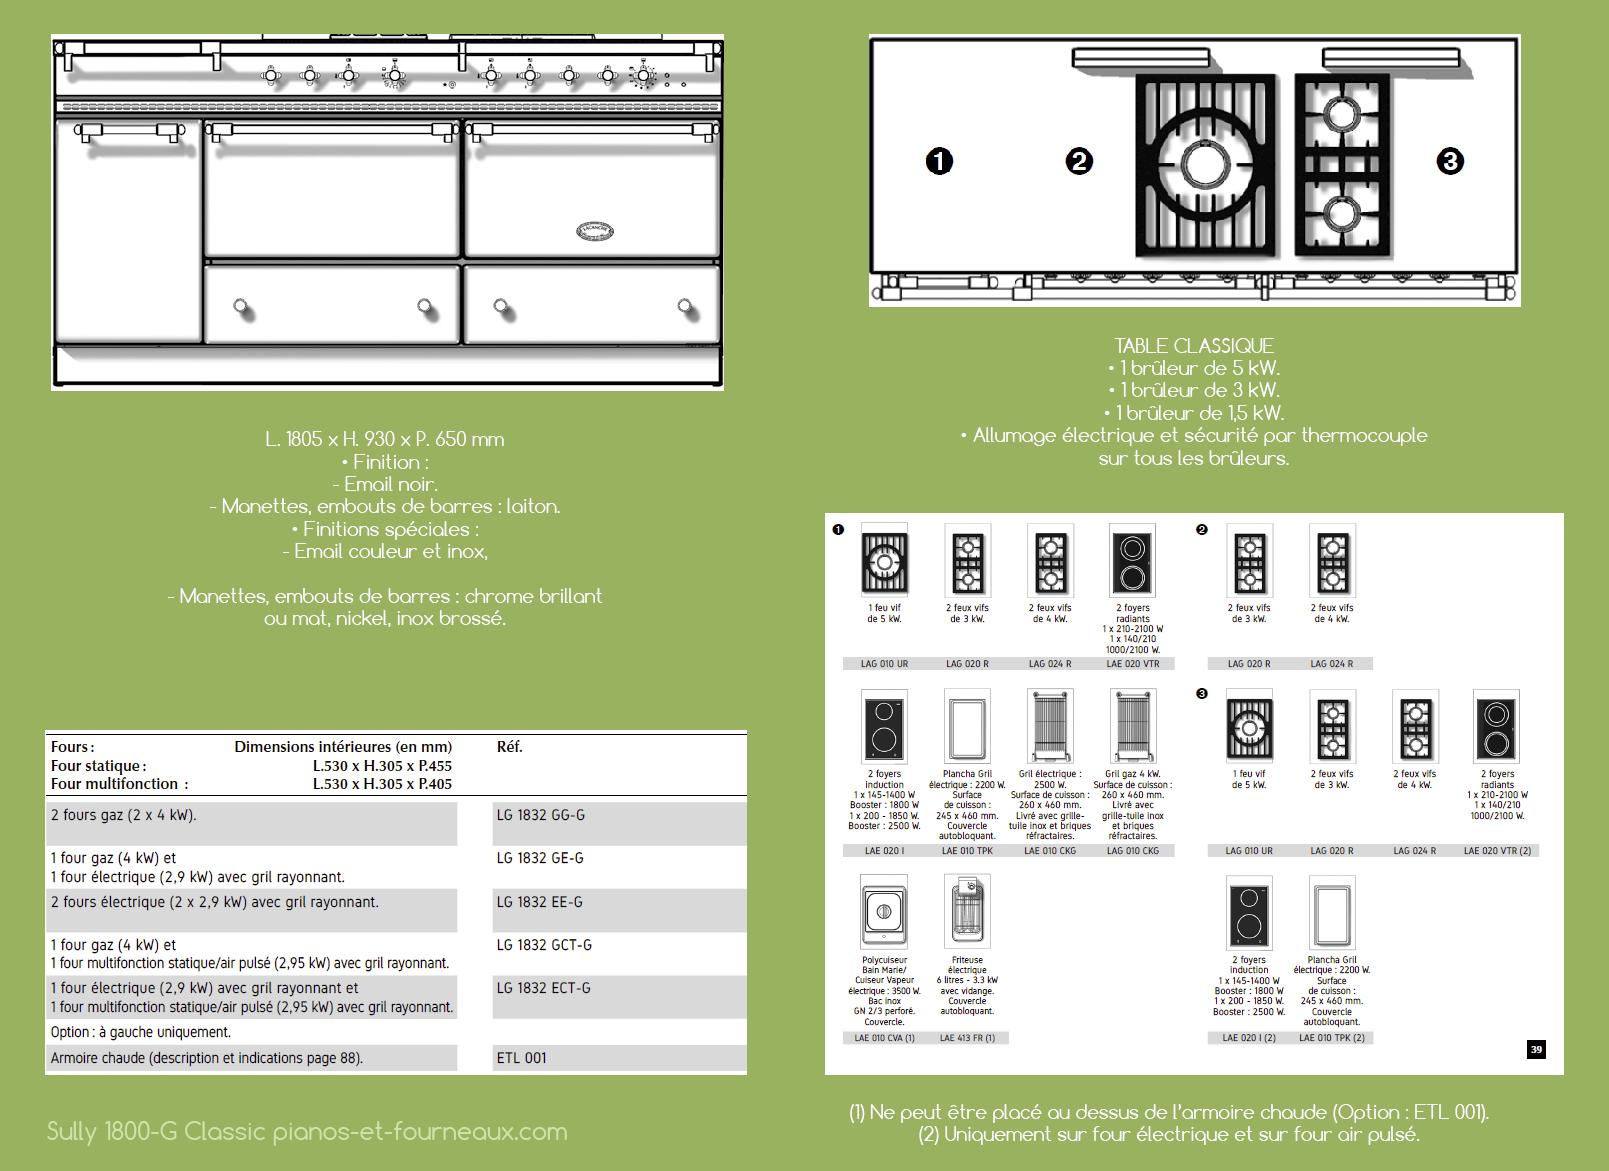 Sully 1800 G Classique configurations possibles - pianos-et-fourneaux.com le spécialiste des pianos de cuisine et fourneaux de cuisson Lacanche